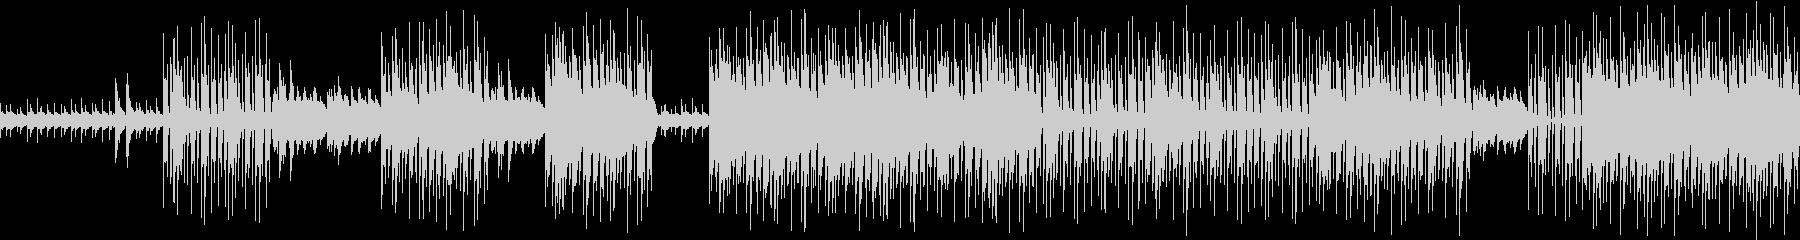 現代音楽風(ミニマル)ダークなトラックの未再生の波形